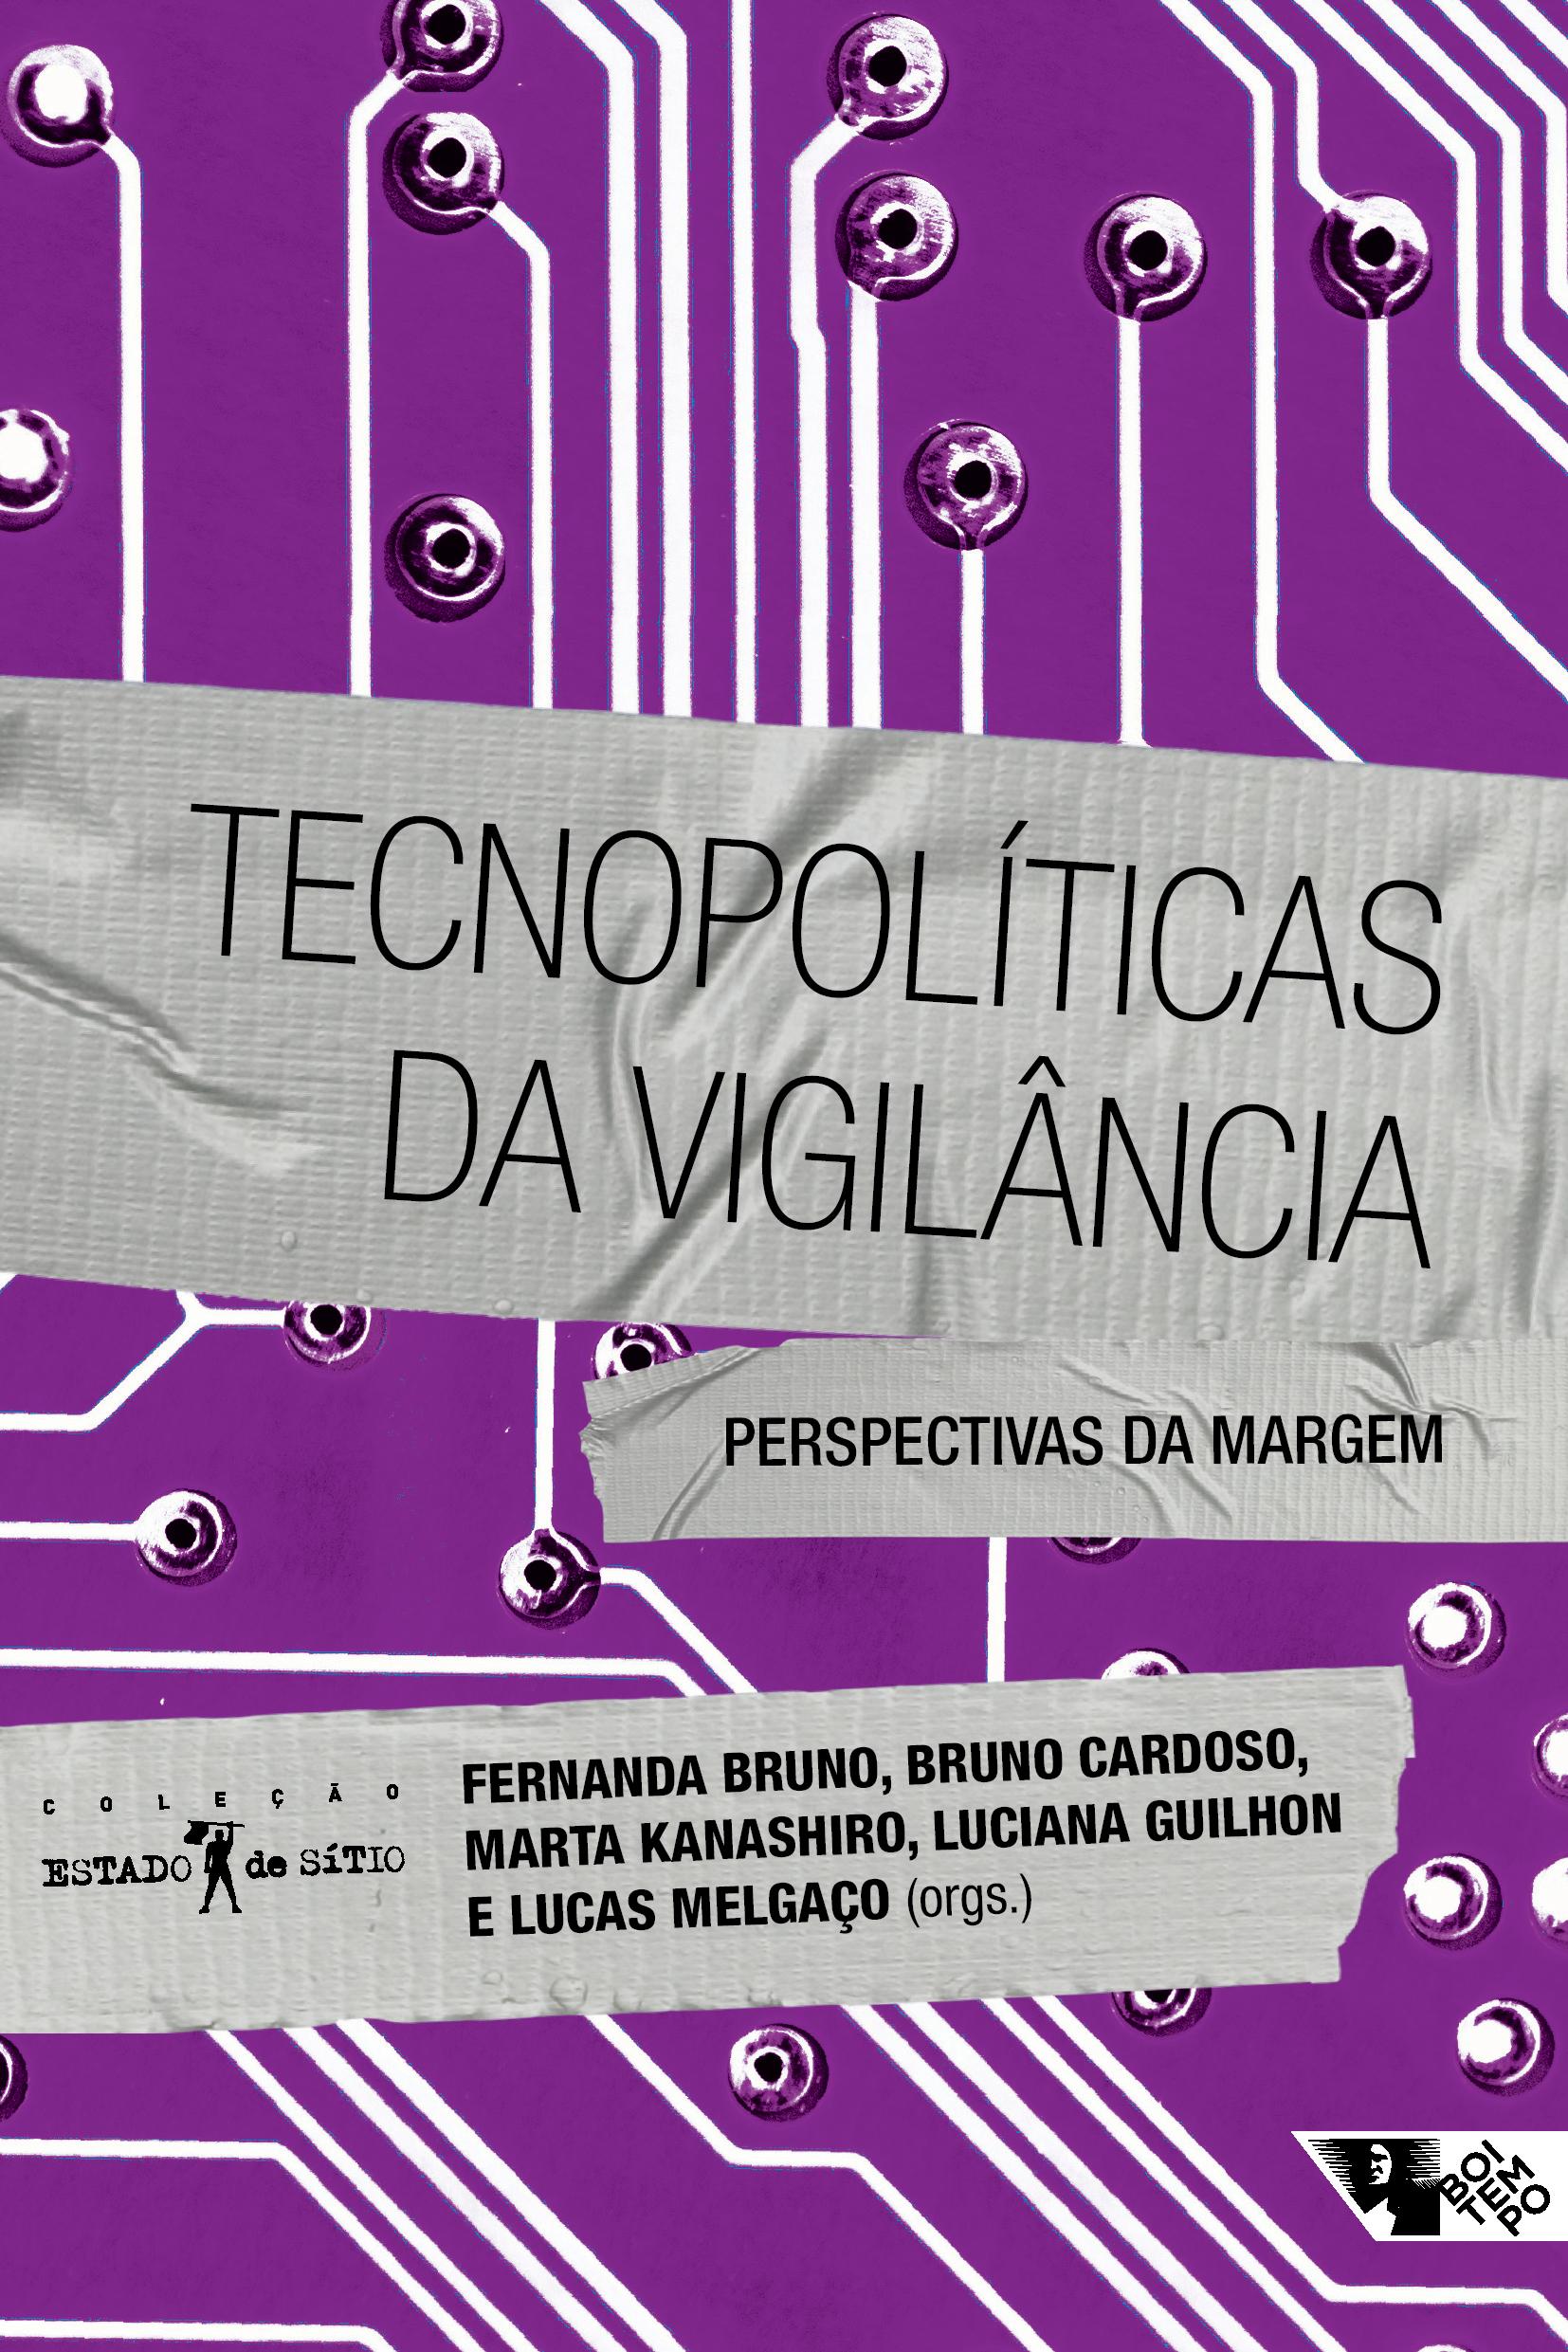 Tecnopolíticas da vigilância: perspectivas da margem, livro de Fernanda Bruno, Bruno Cardoso, Marta Kanashiro, Luciana Guilhon, Lucas Melgaço